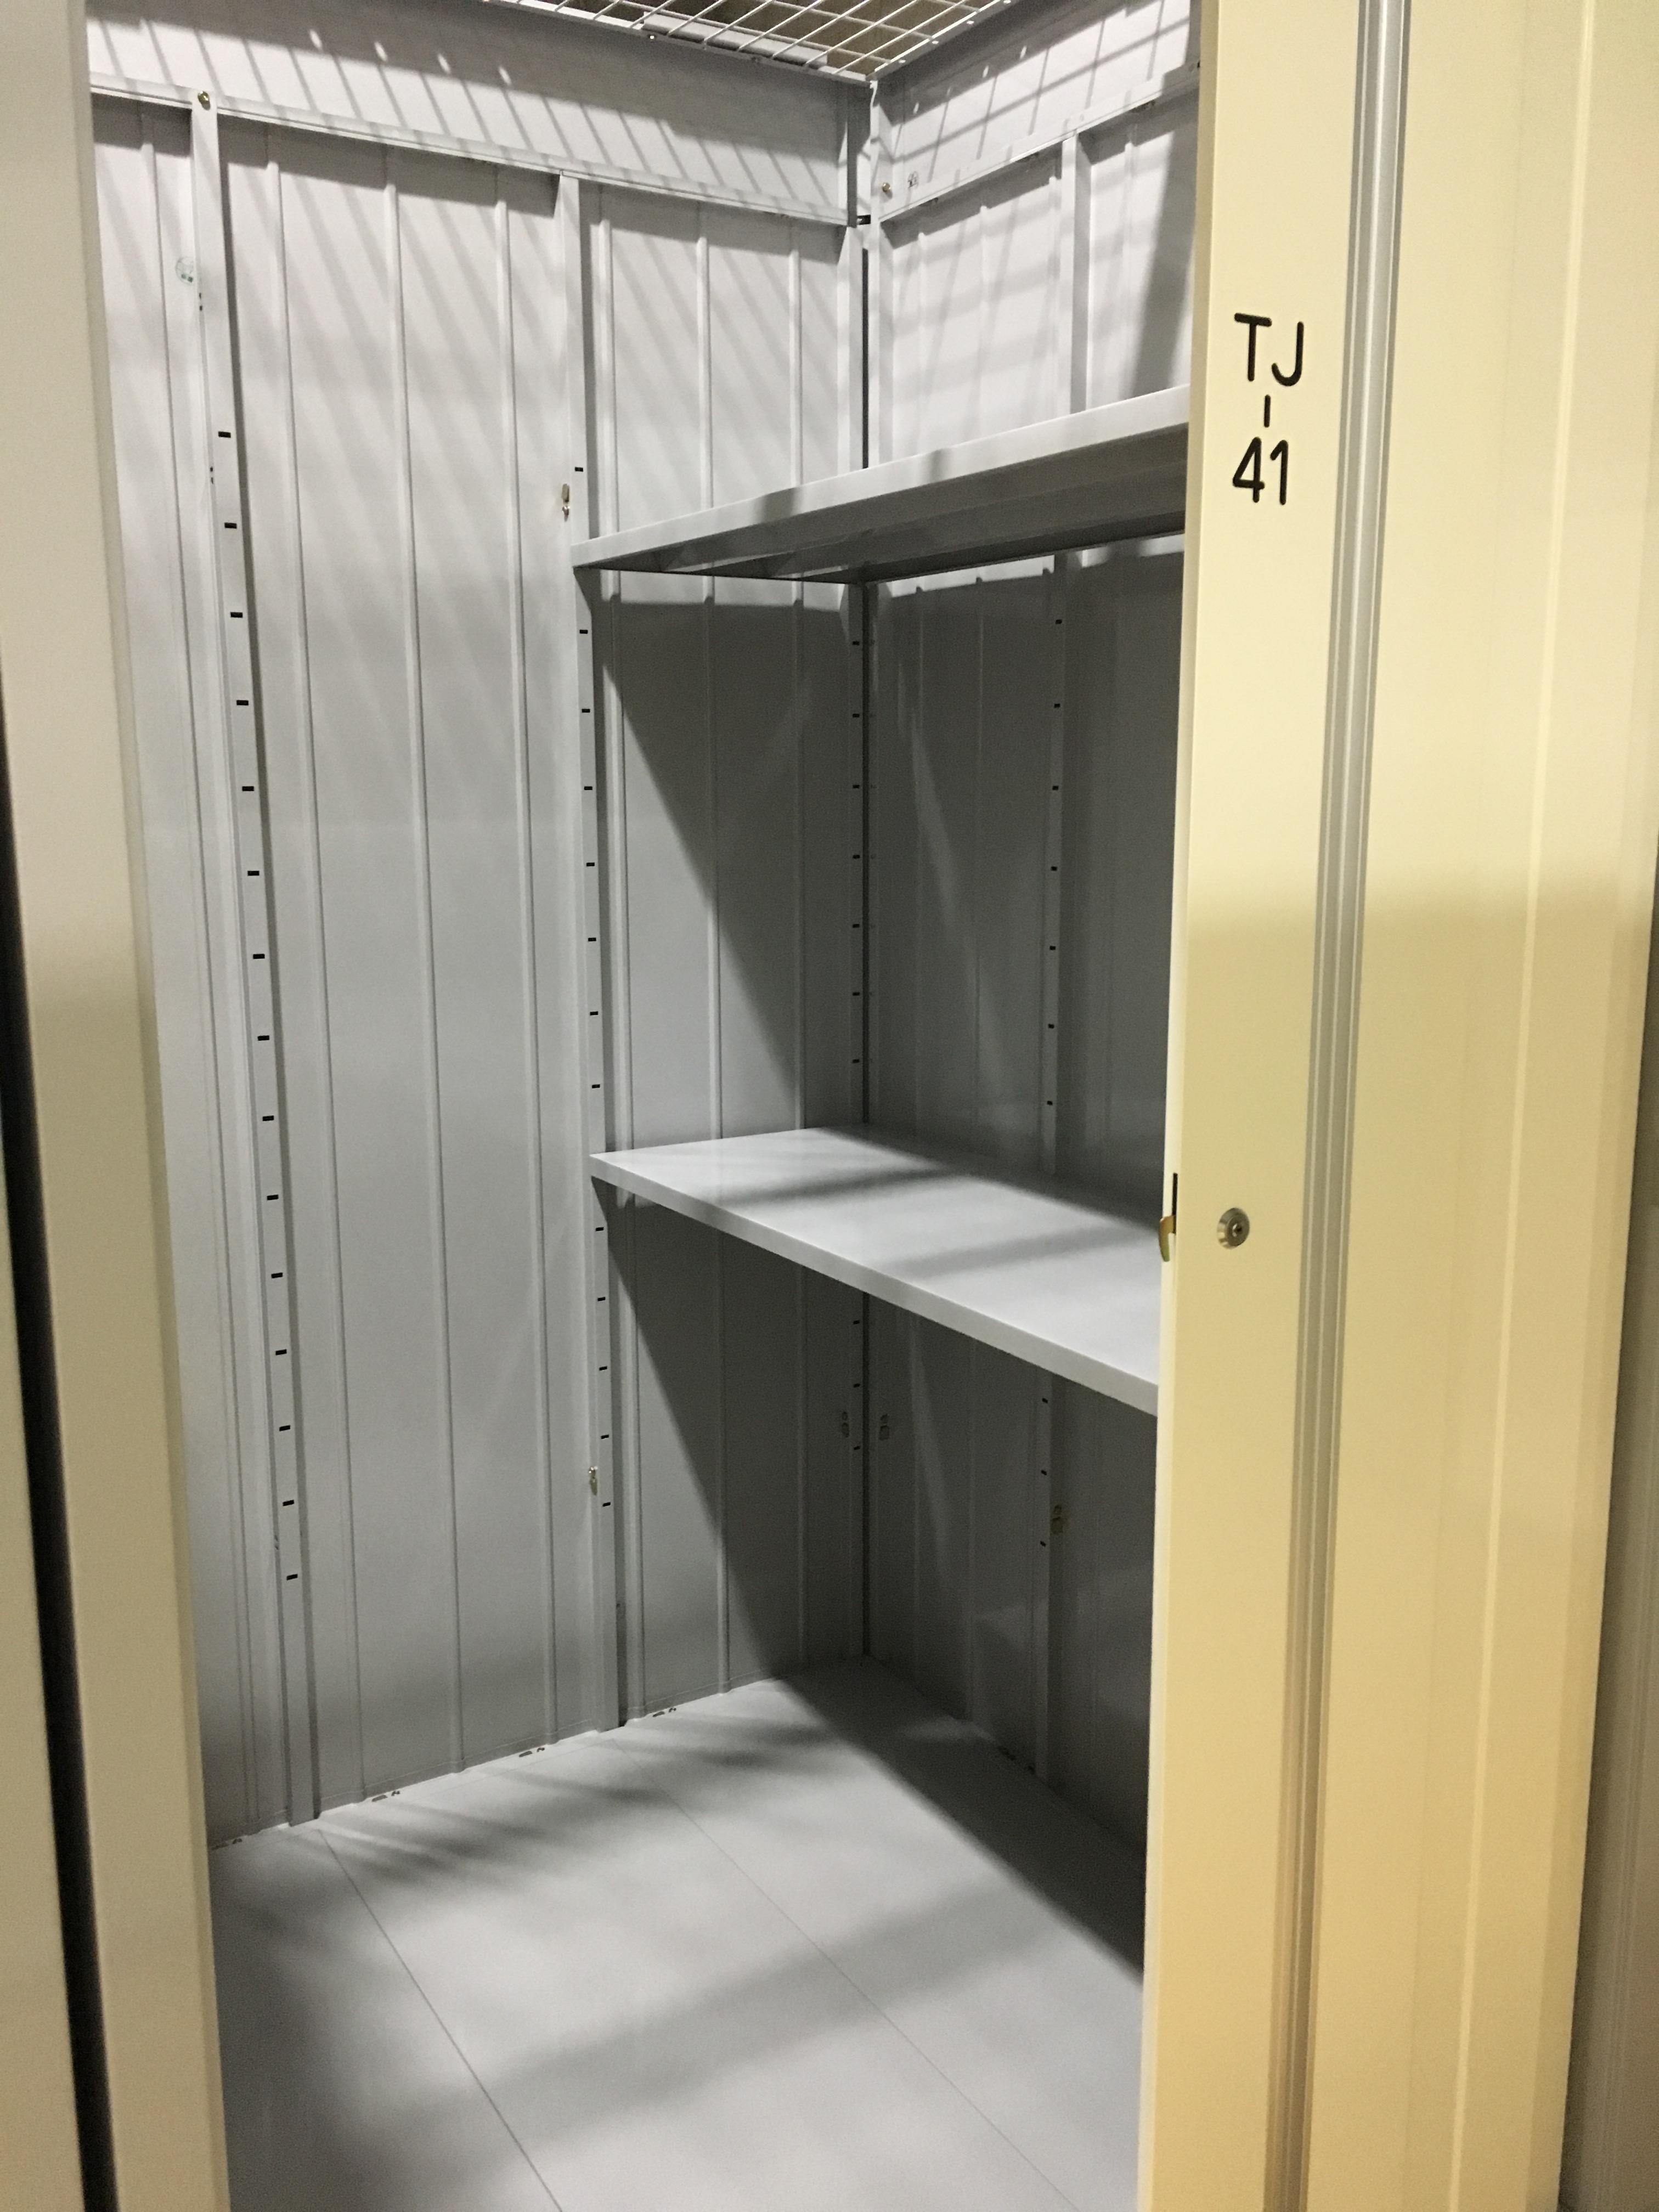 木場店 イナバボックス木場店のトランクルームの内装